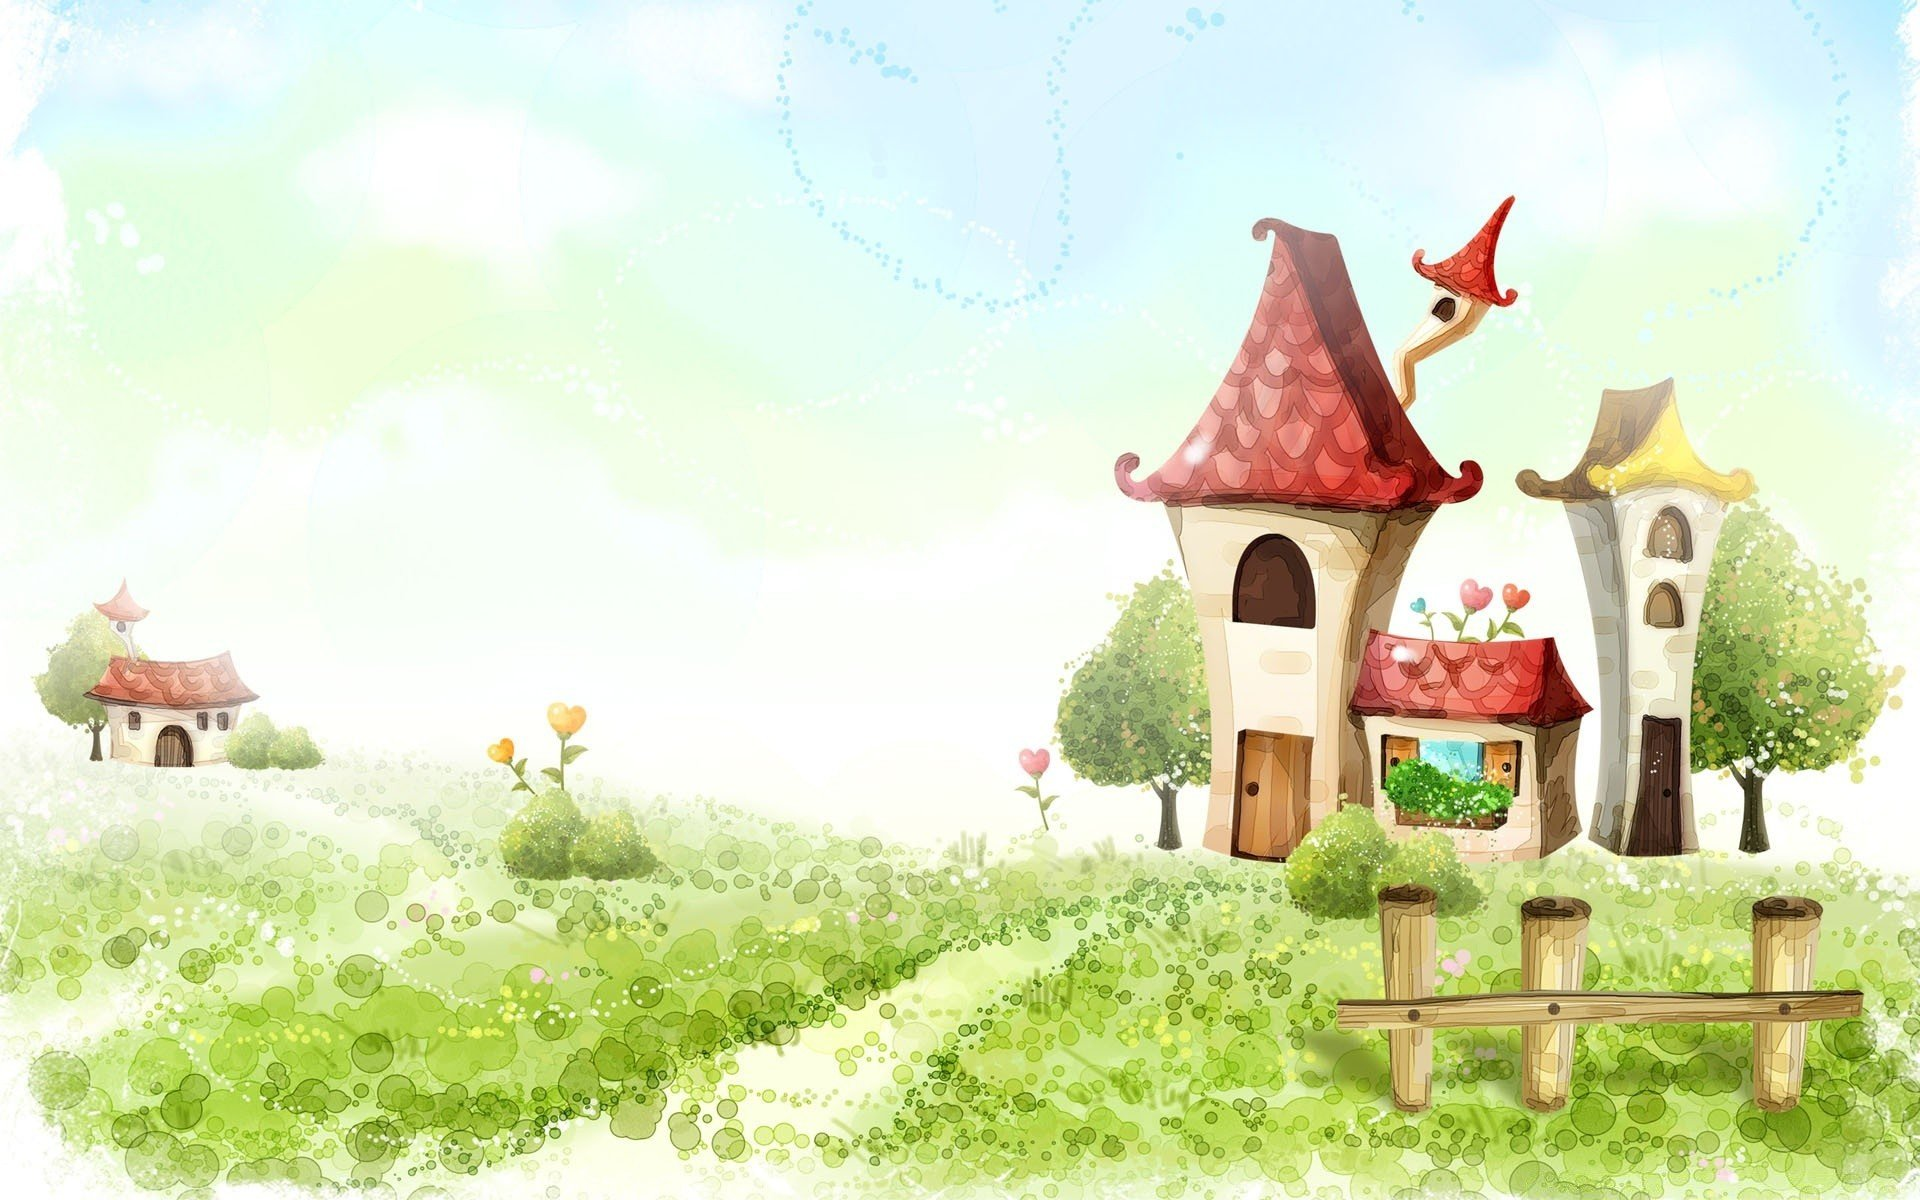 семеновской сказочные домики картинки хорошего качества совместных детях